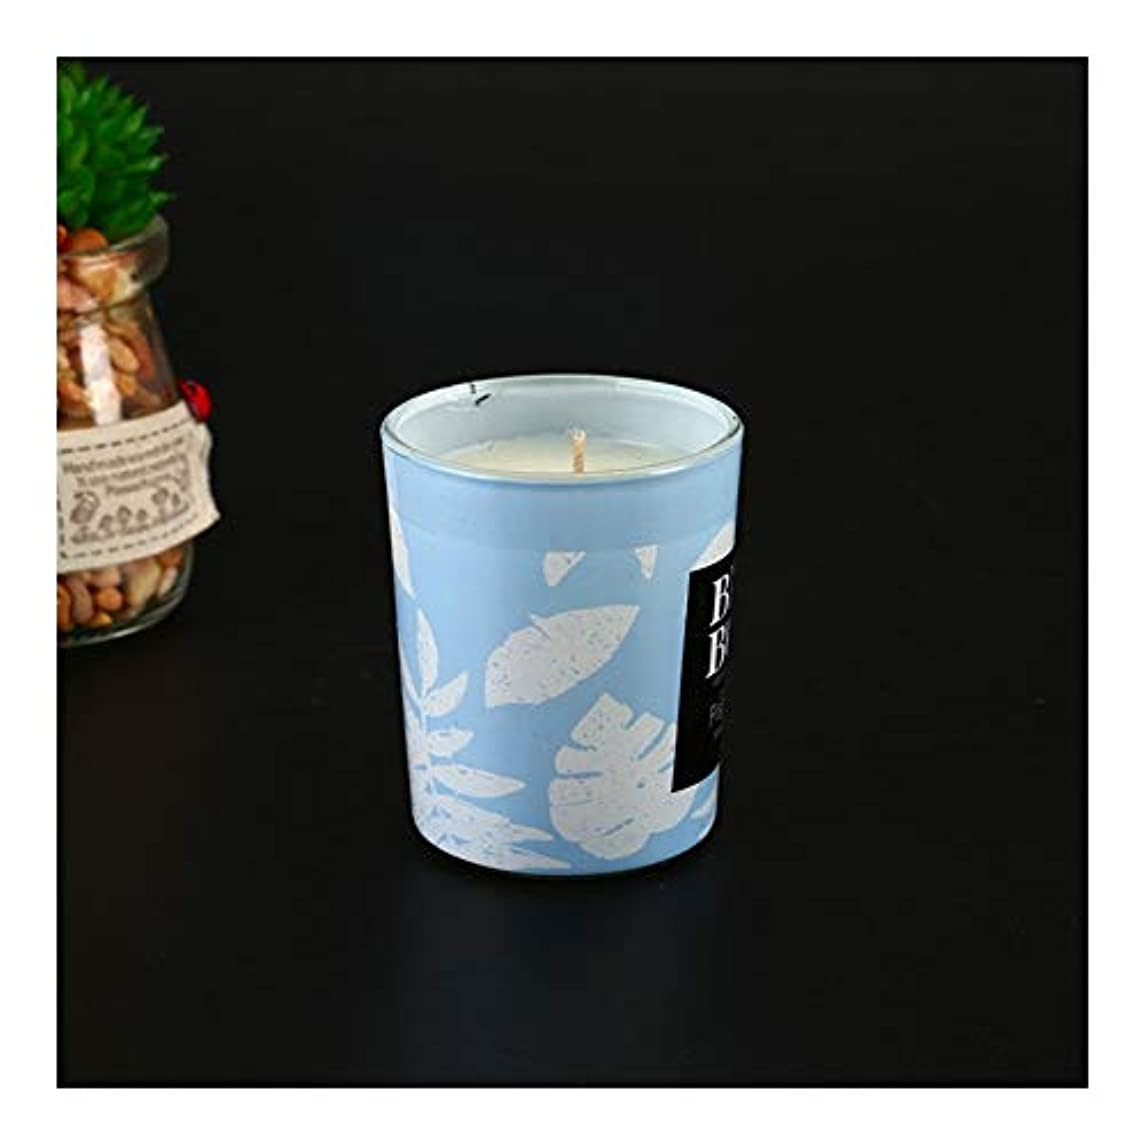 連邦ラップトップ前にZtian アロマセラピーキャンドルカップ告白アーティファクトキャンドル手で環境に優しい無煙大豆ワックス (色 : Blue wind chime)